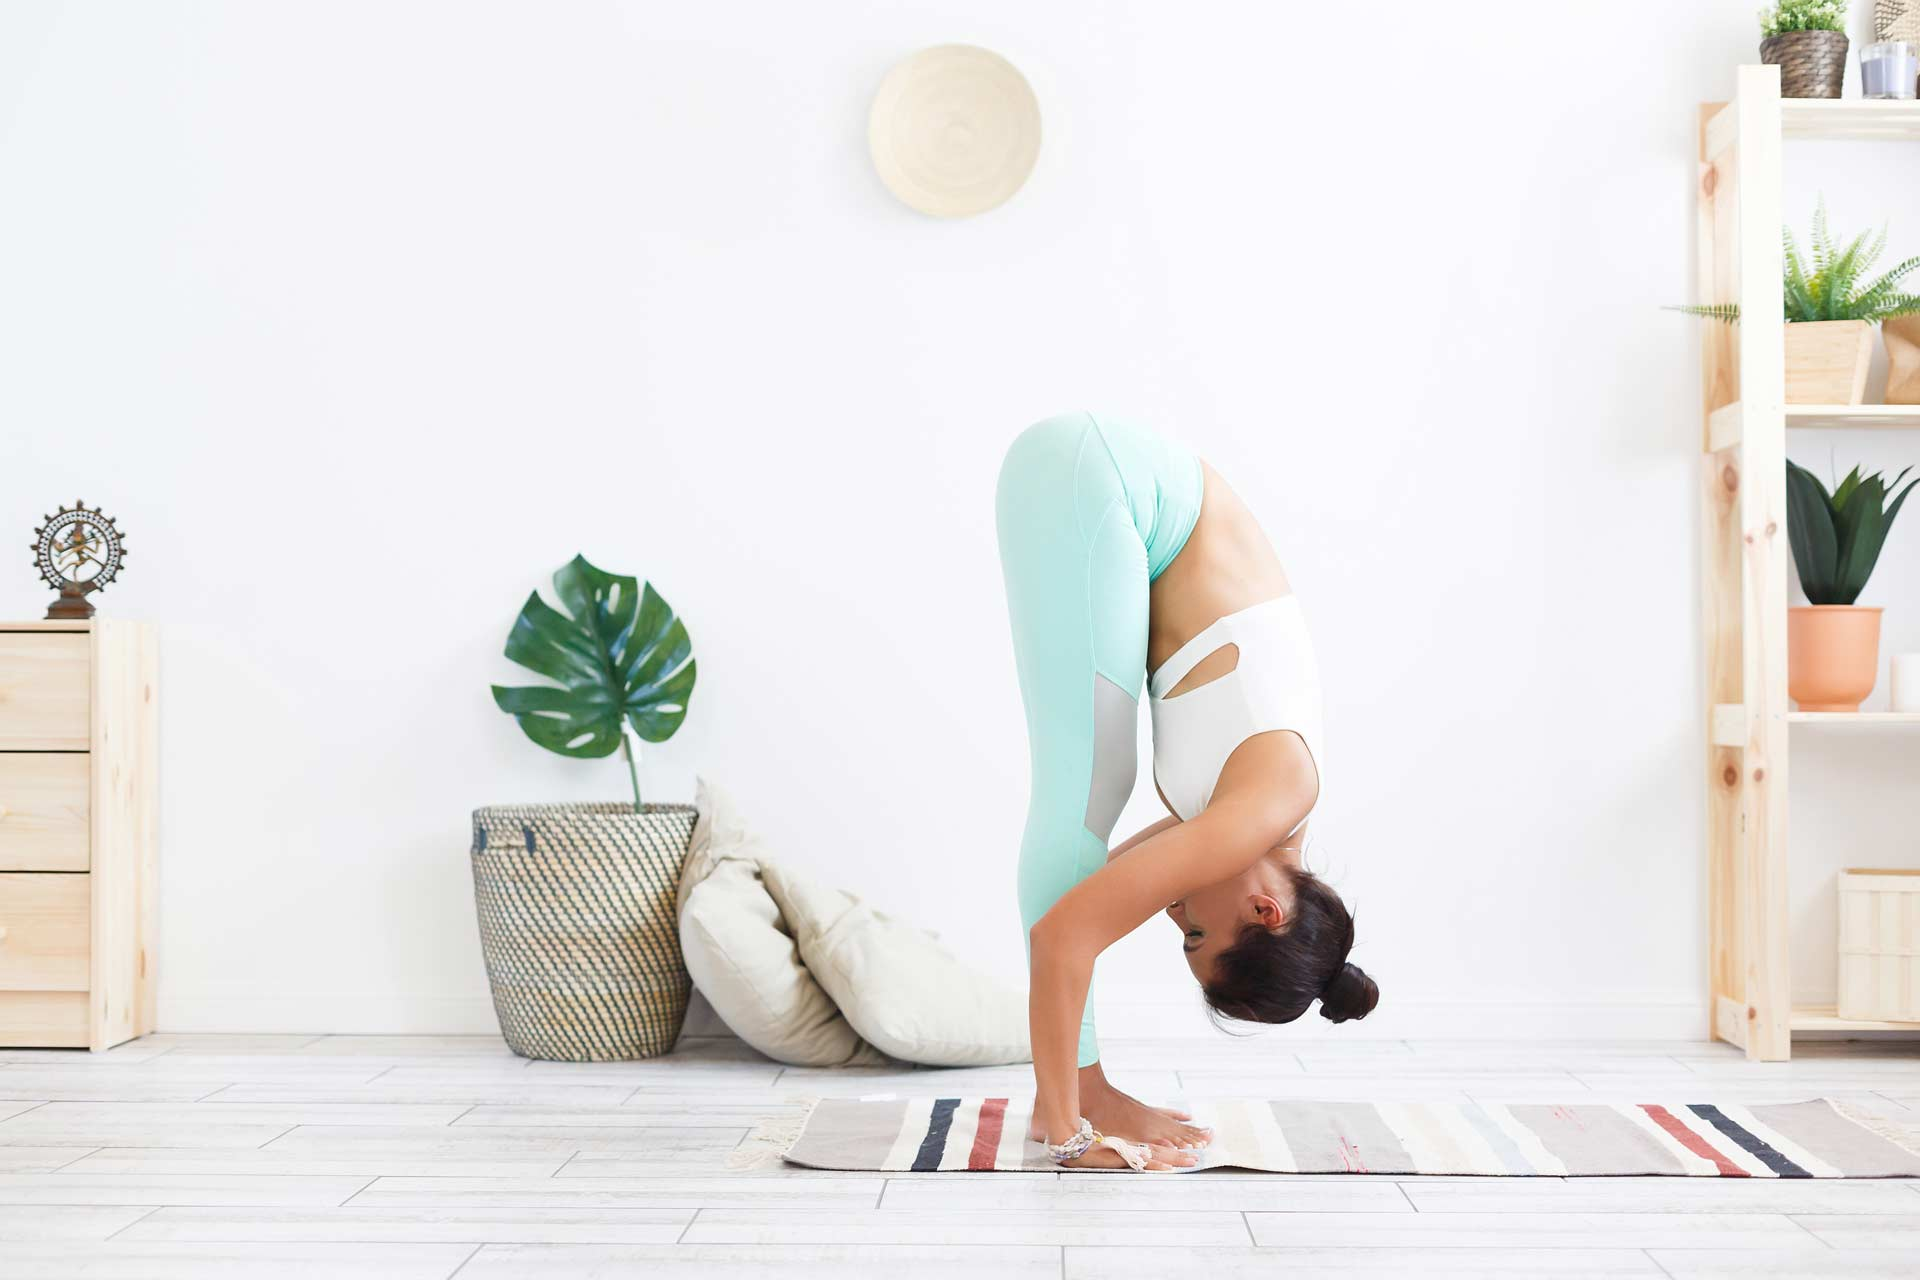 cours-en-ligne-pilates-yoga-coaching sportif à distance